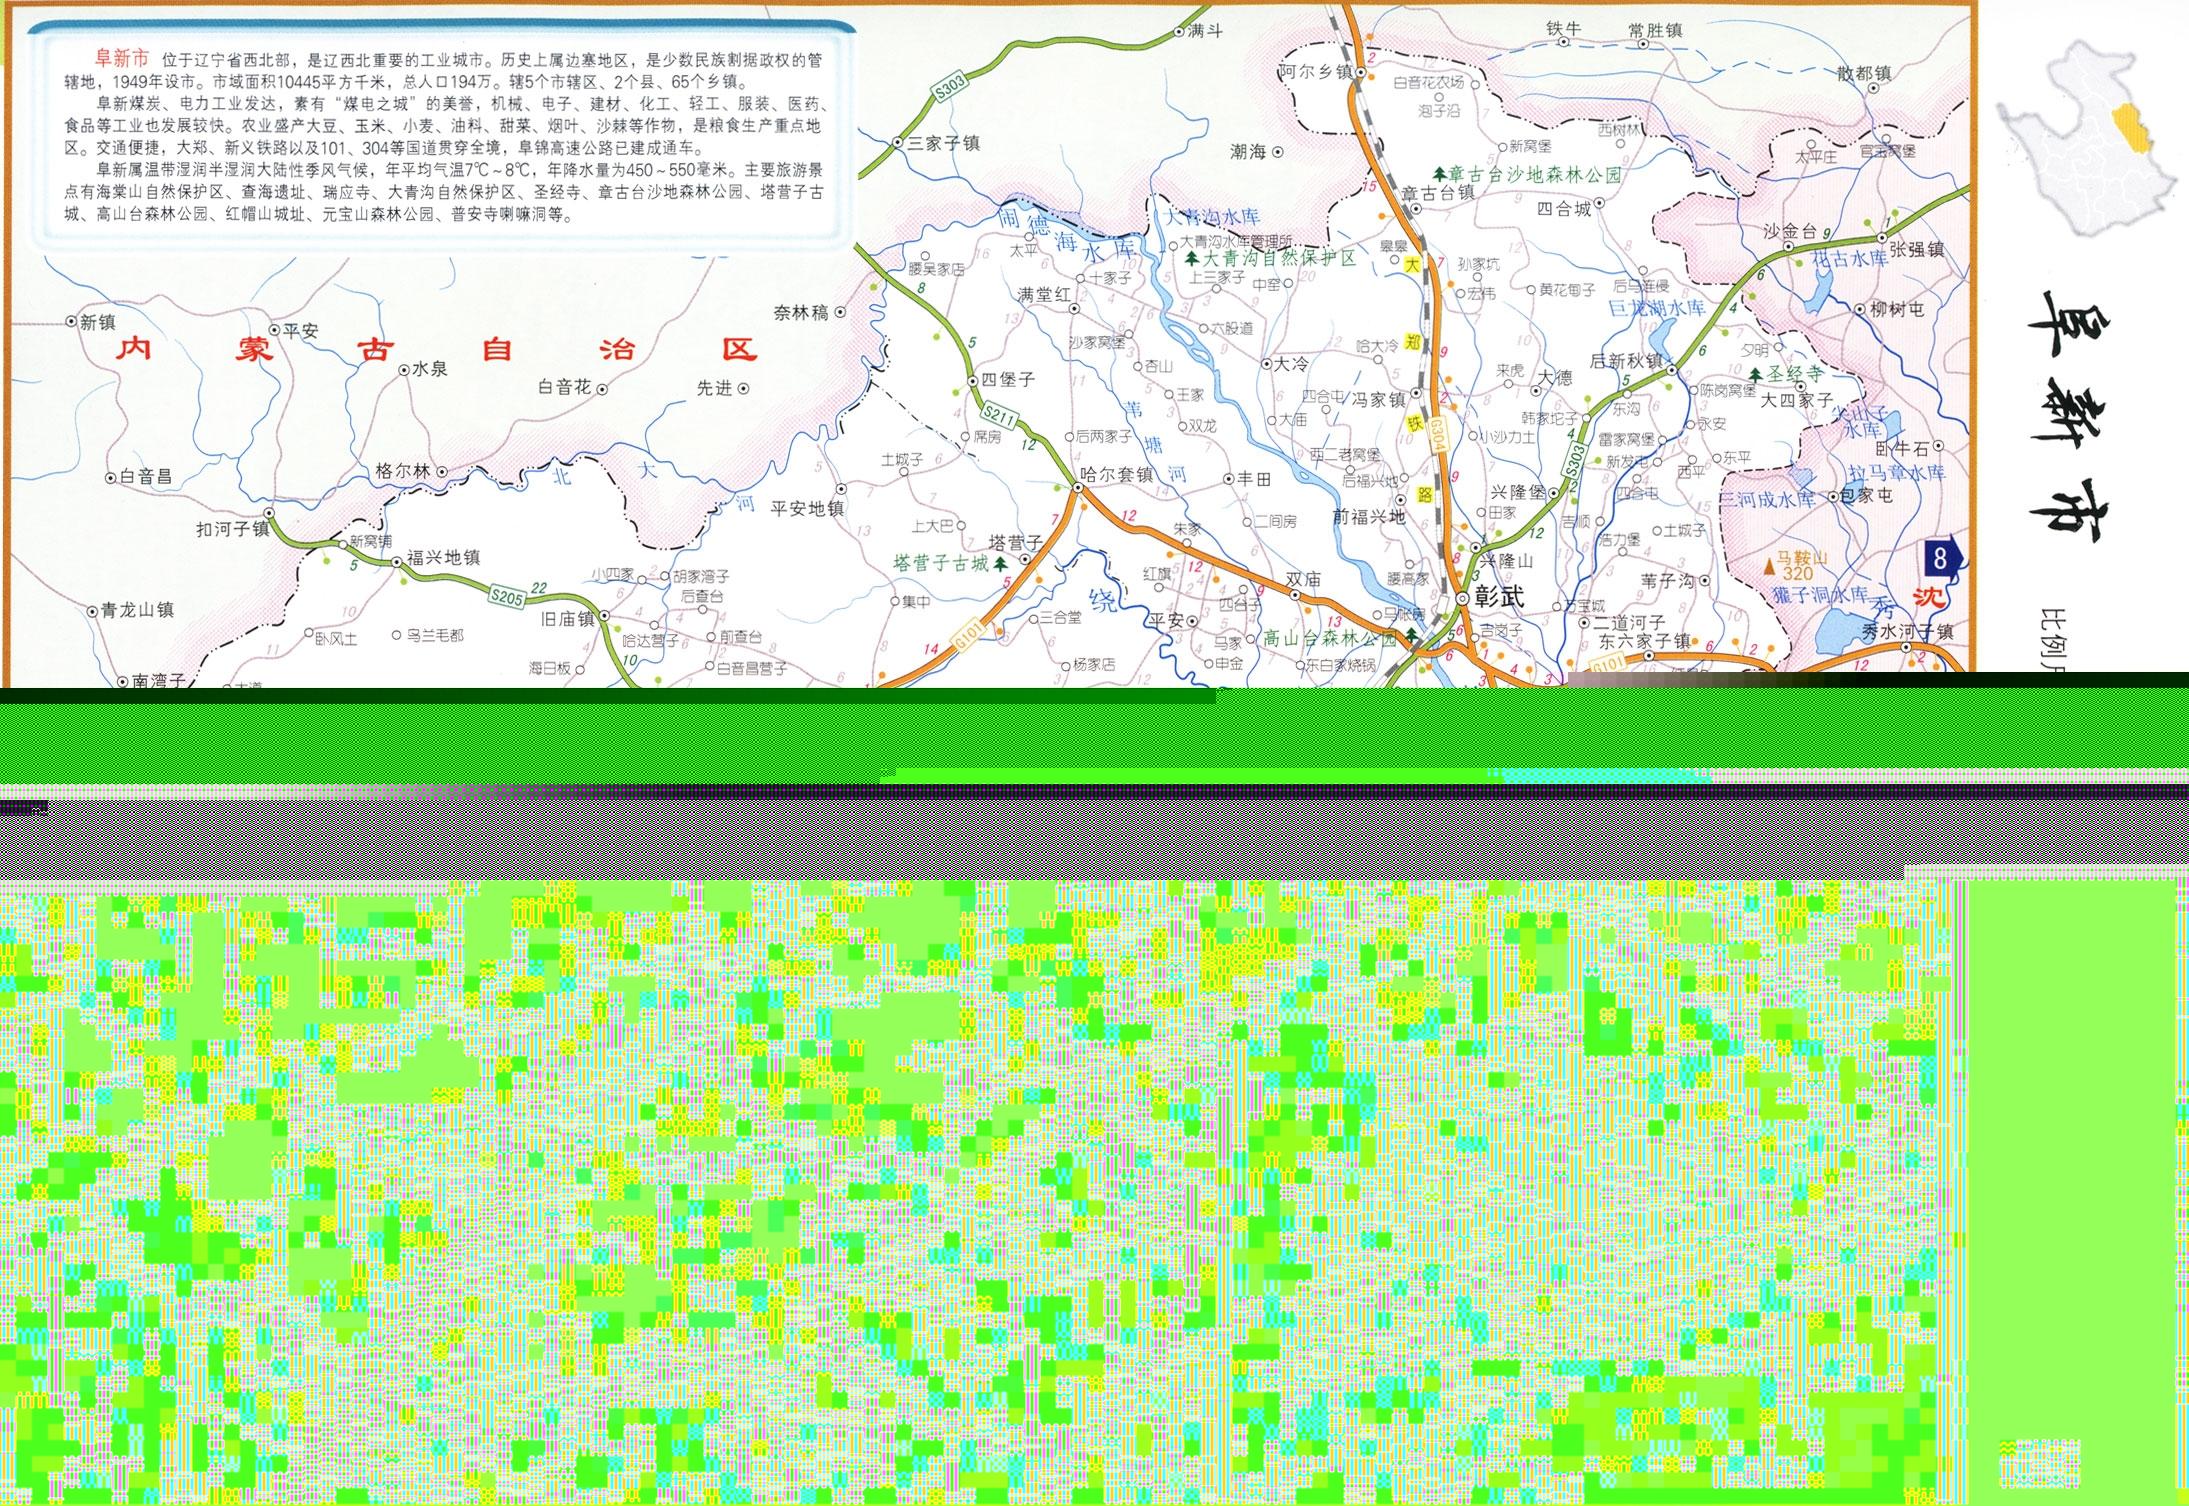 2005年辽宁省分市州交通图-辽宁省公路交通图-地图